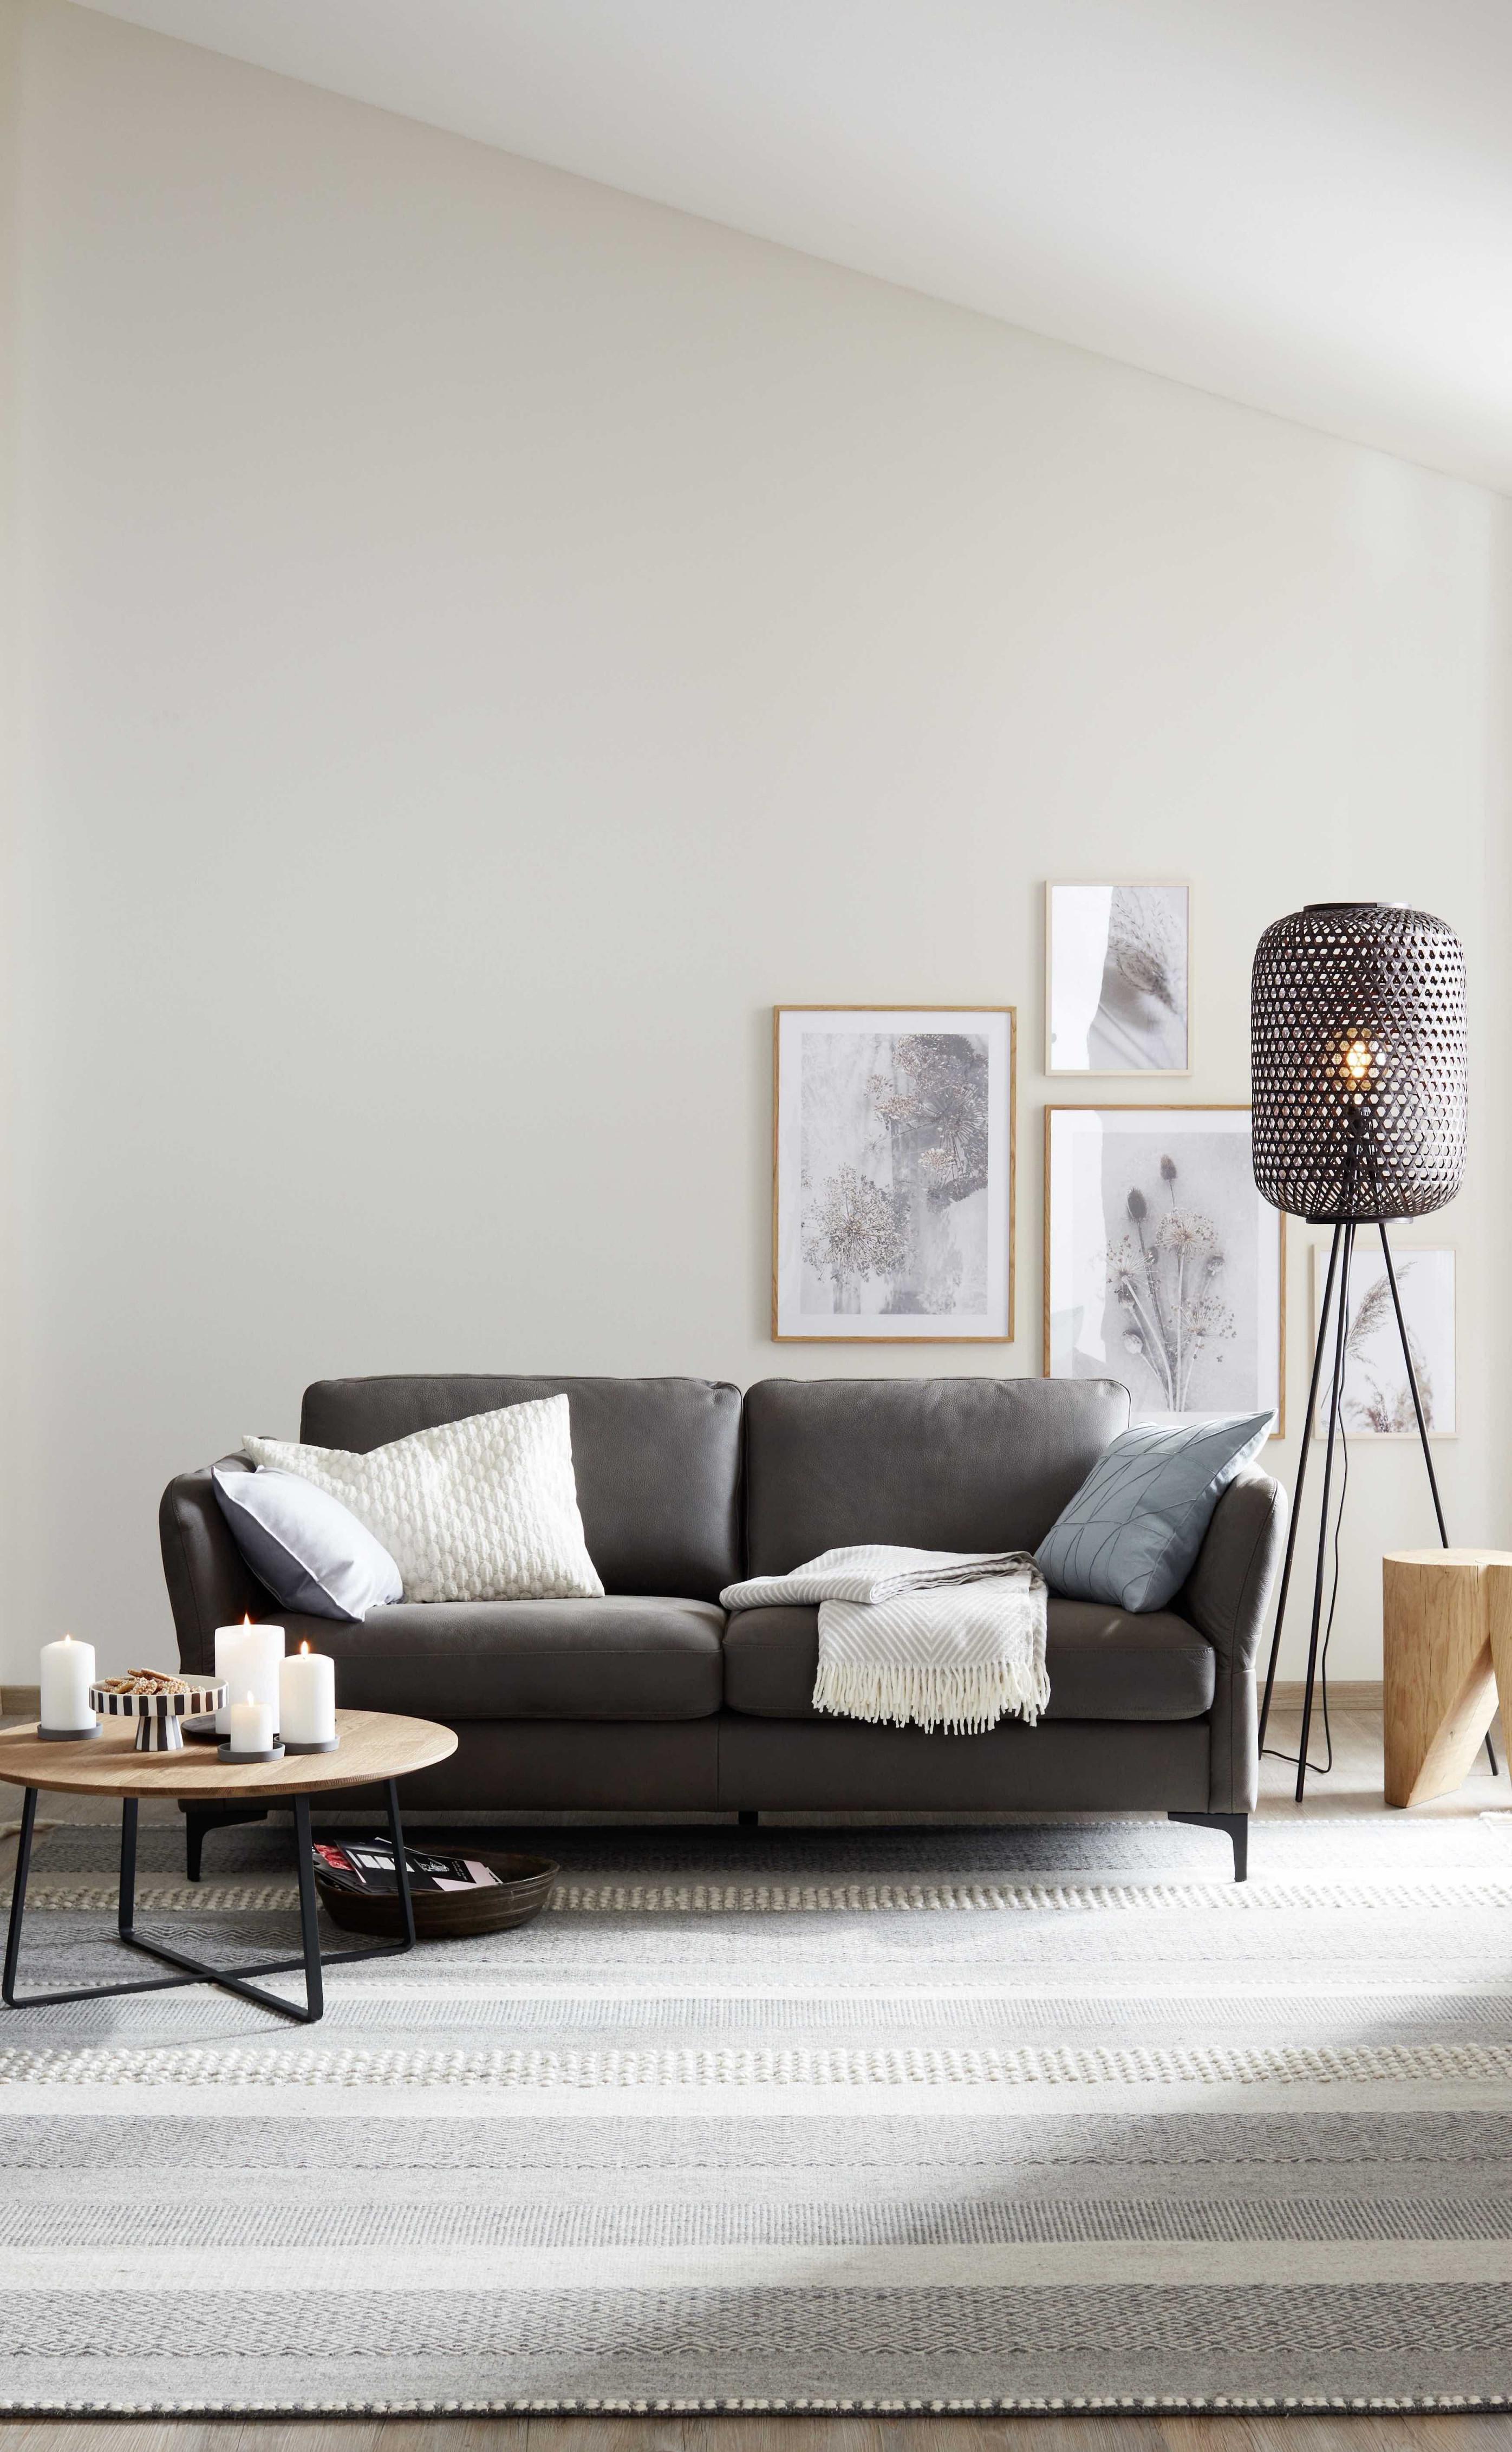 Wohnzimmer Idee Sofa Timeless Grau Schöner Wohnenkollektion von Schöner Wohnen Ideen Wohnzimmer Bild